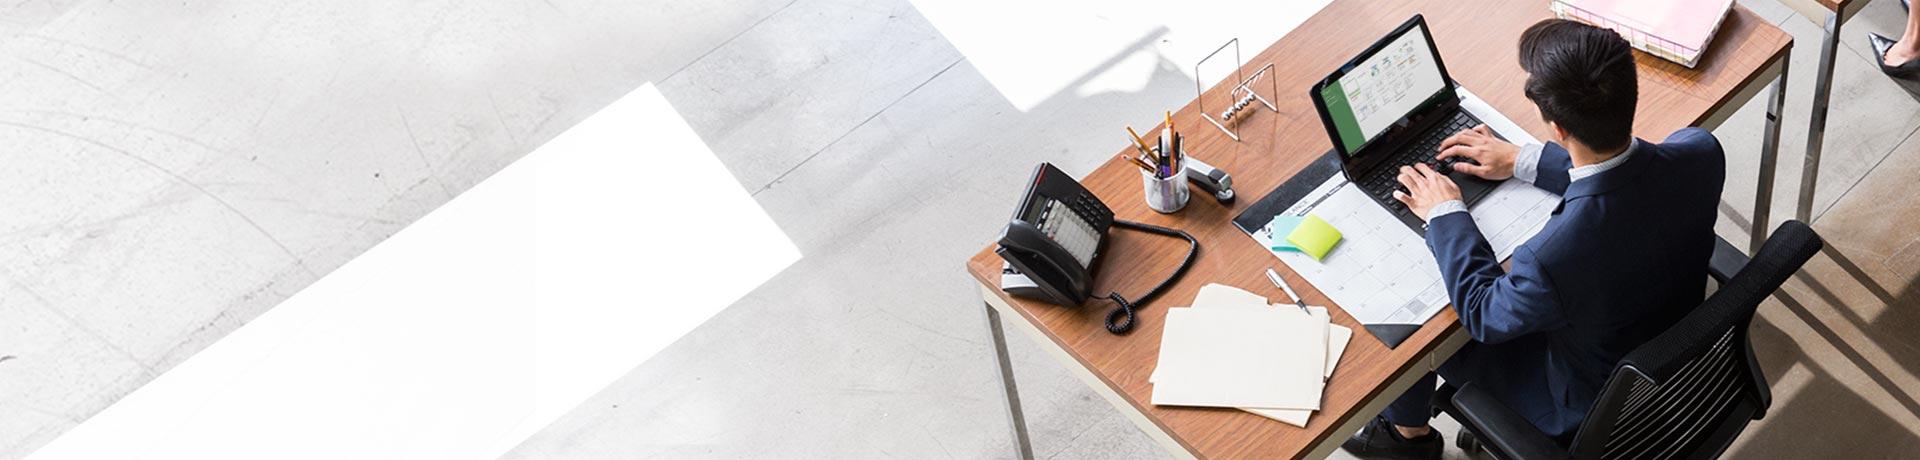 Mies toimistopöydän äärellä käsittelemässä Microsoft Project -tiedostoa kannettavalla tietokoneella.